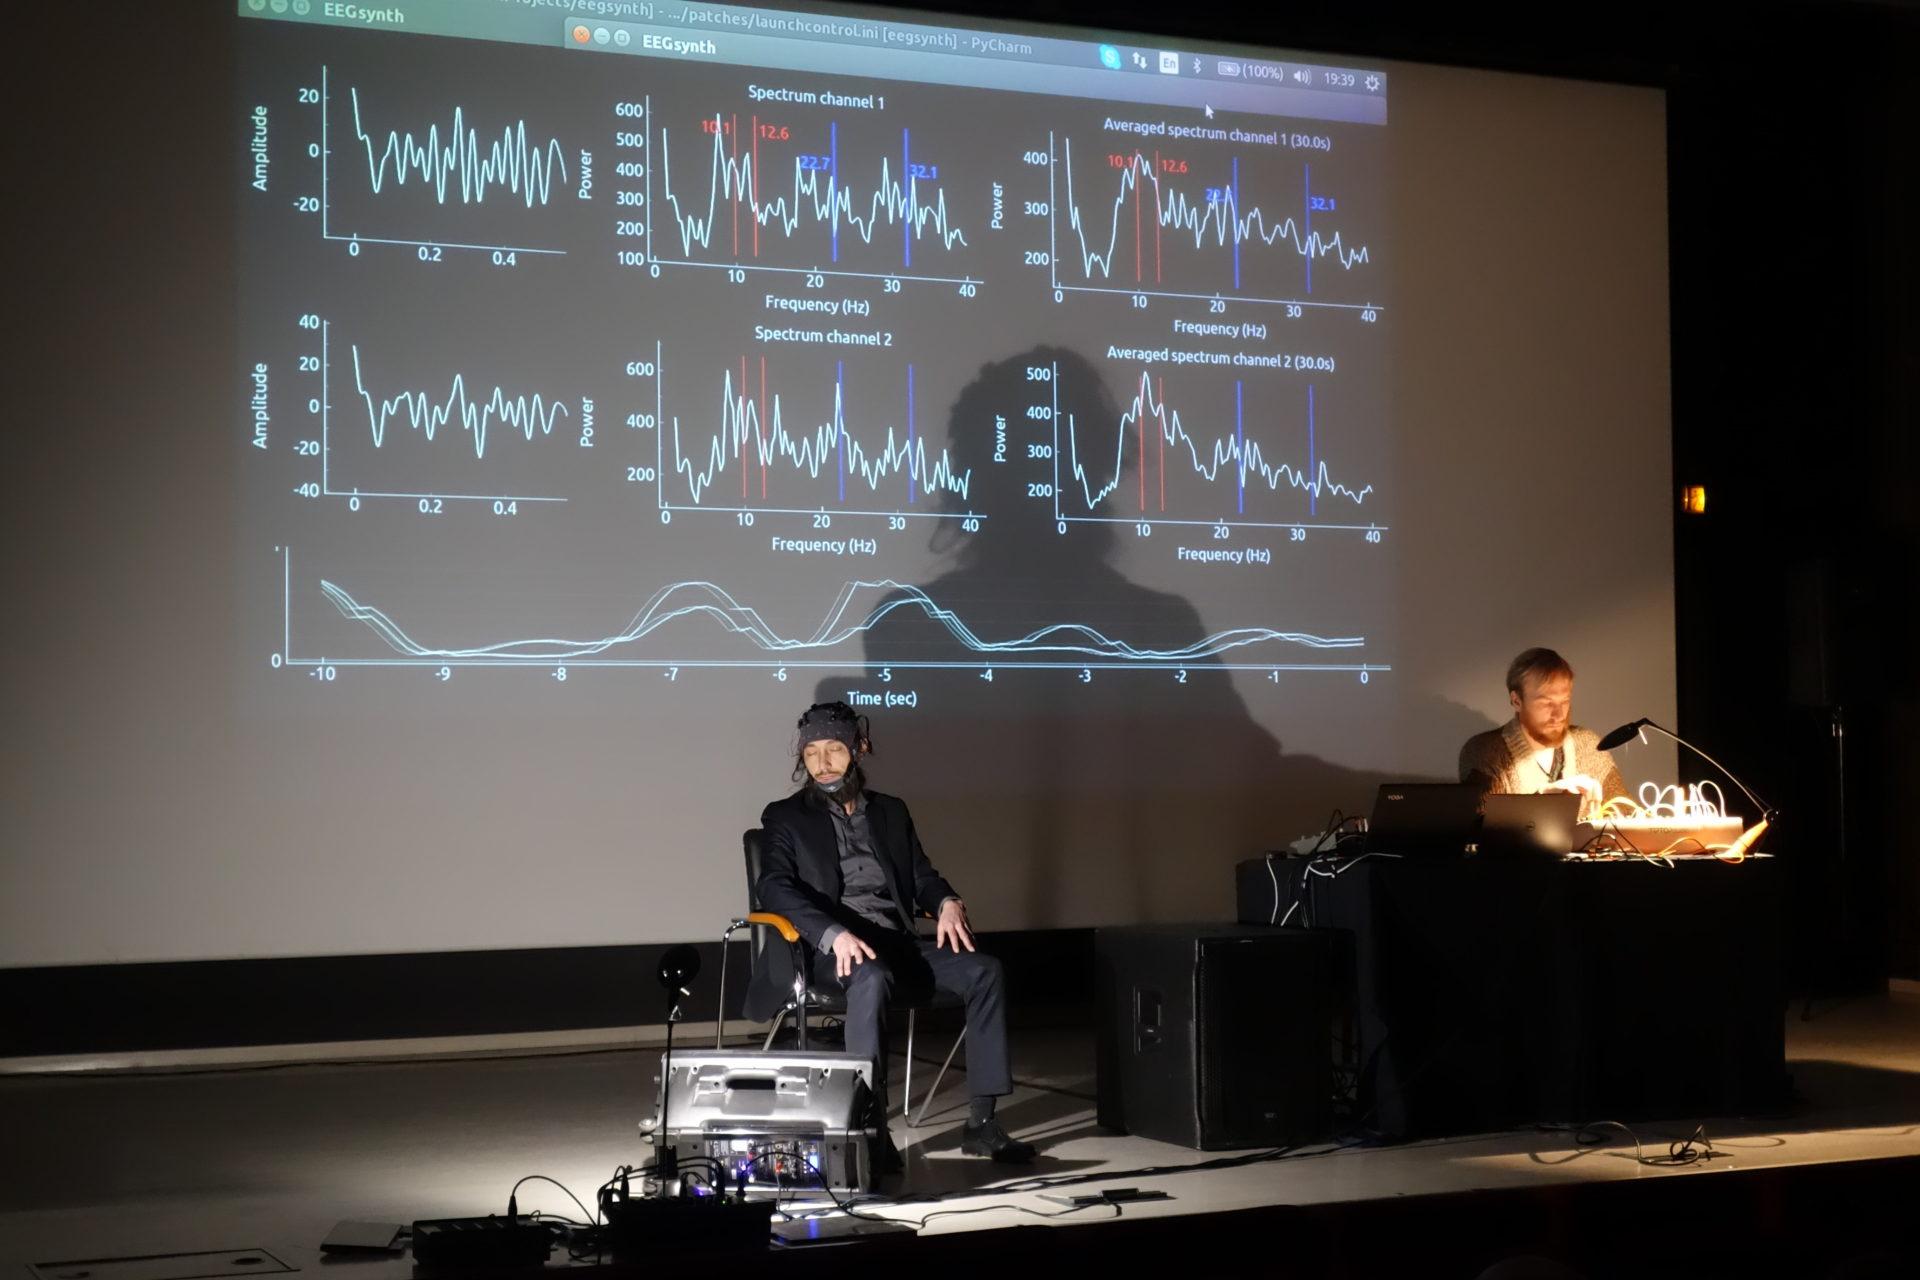 Musique du cerveau at l'Ecole normale supérieure | The EEGsynth